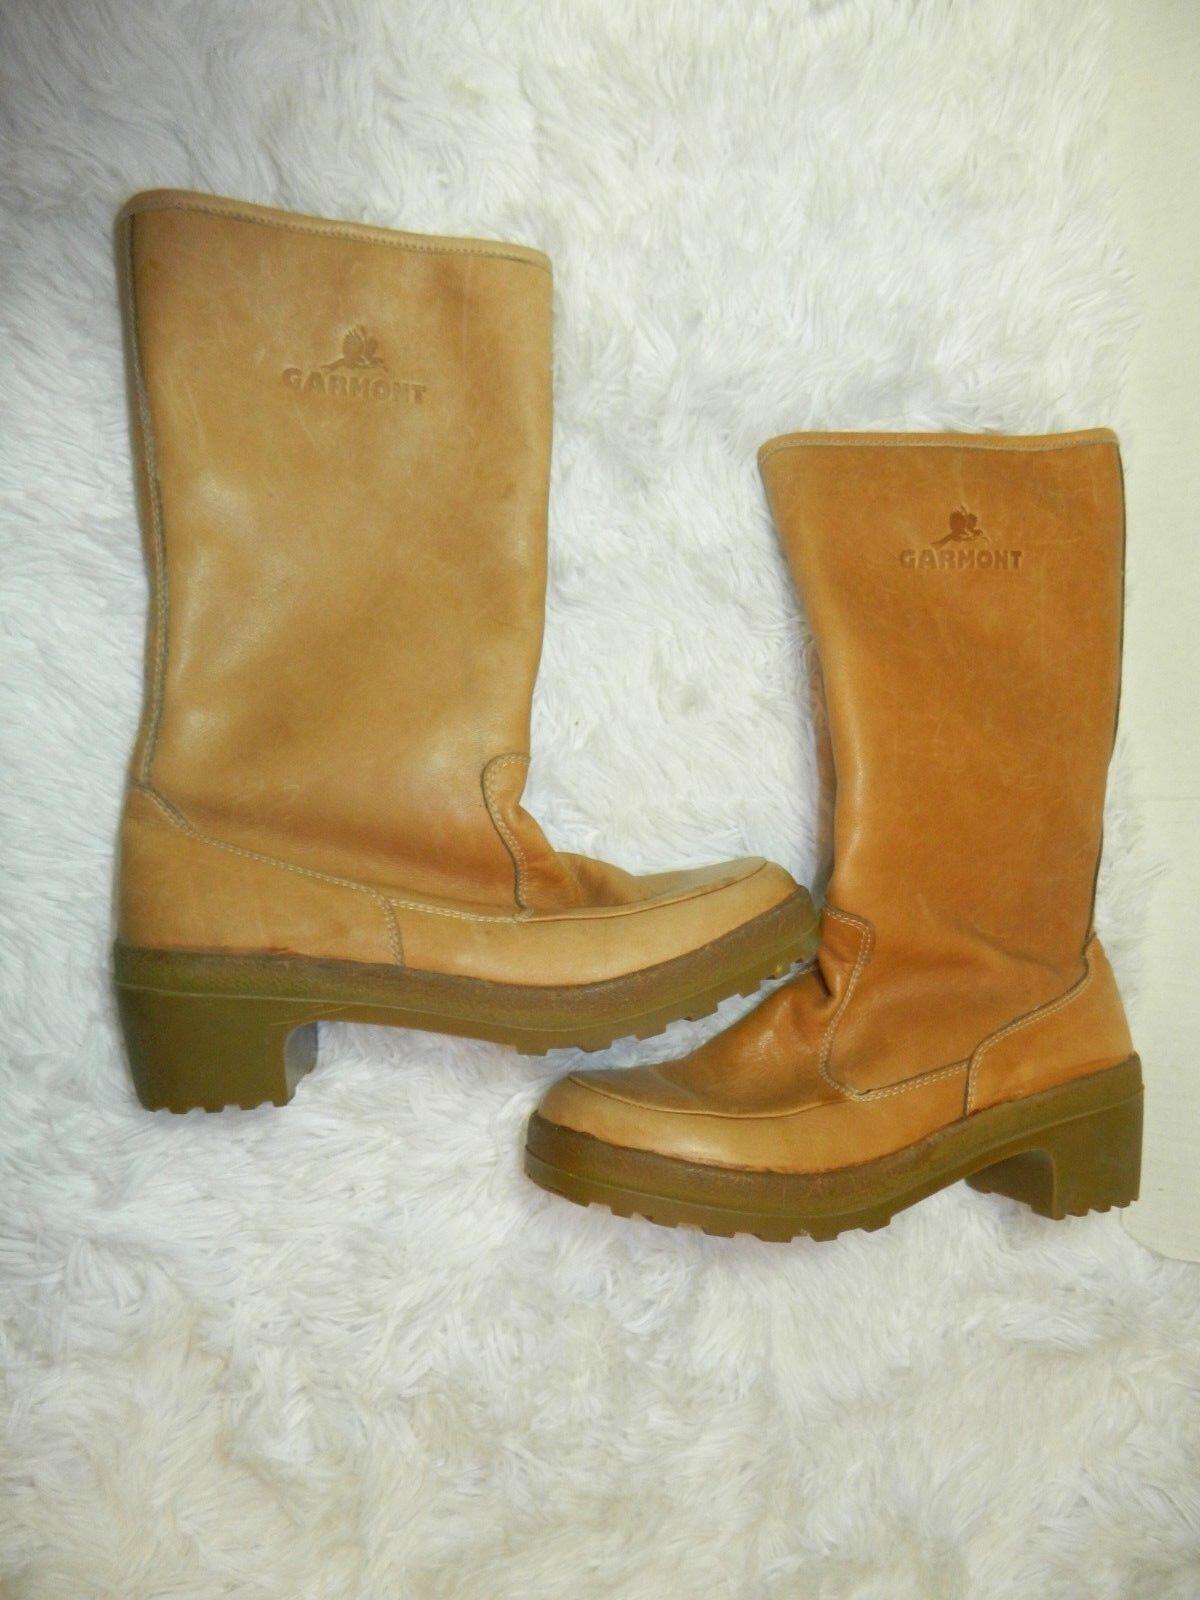 Obtén lo ultimo Garmont botas botas botas de cuero marrón alto Sherpa Piel Vanessa Mujer Hecho En Italia  A la venta con descuento del 70%.